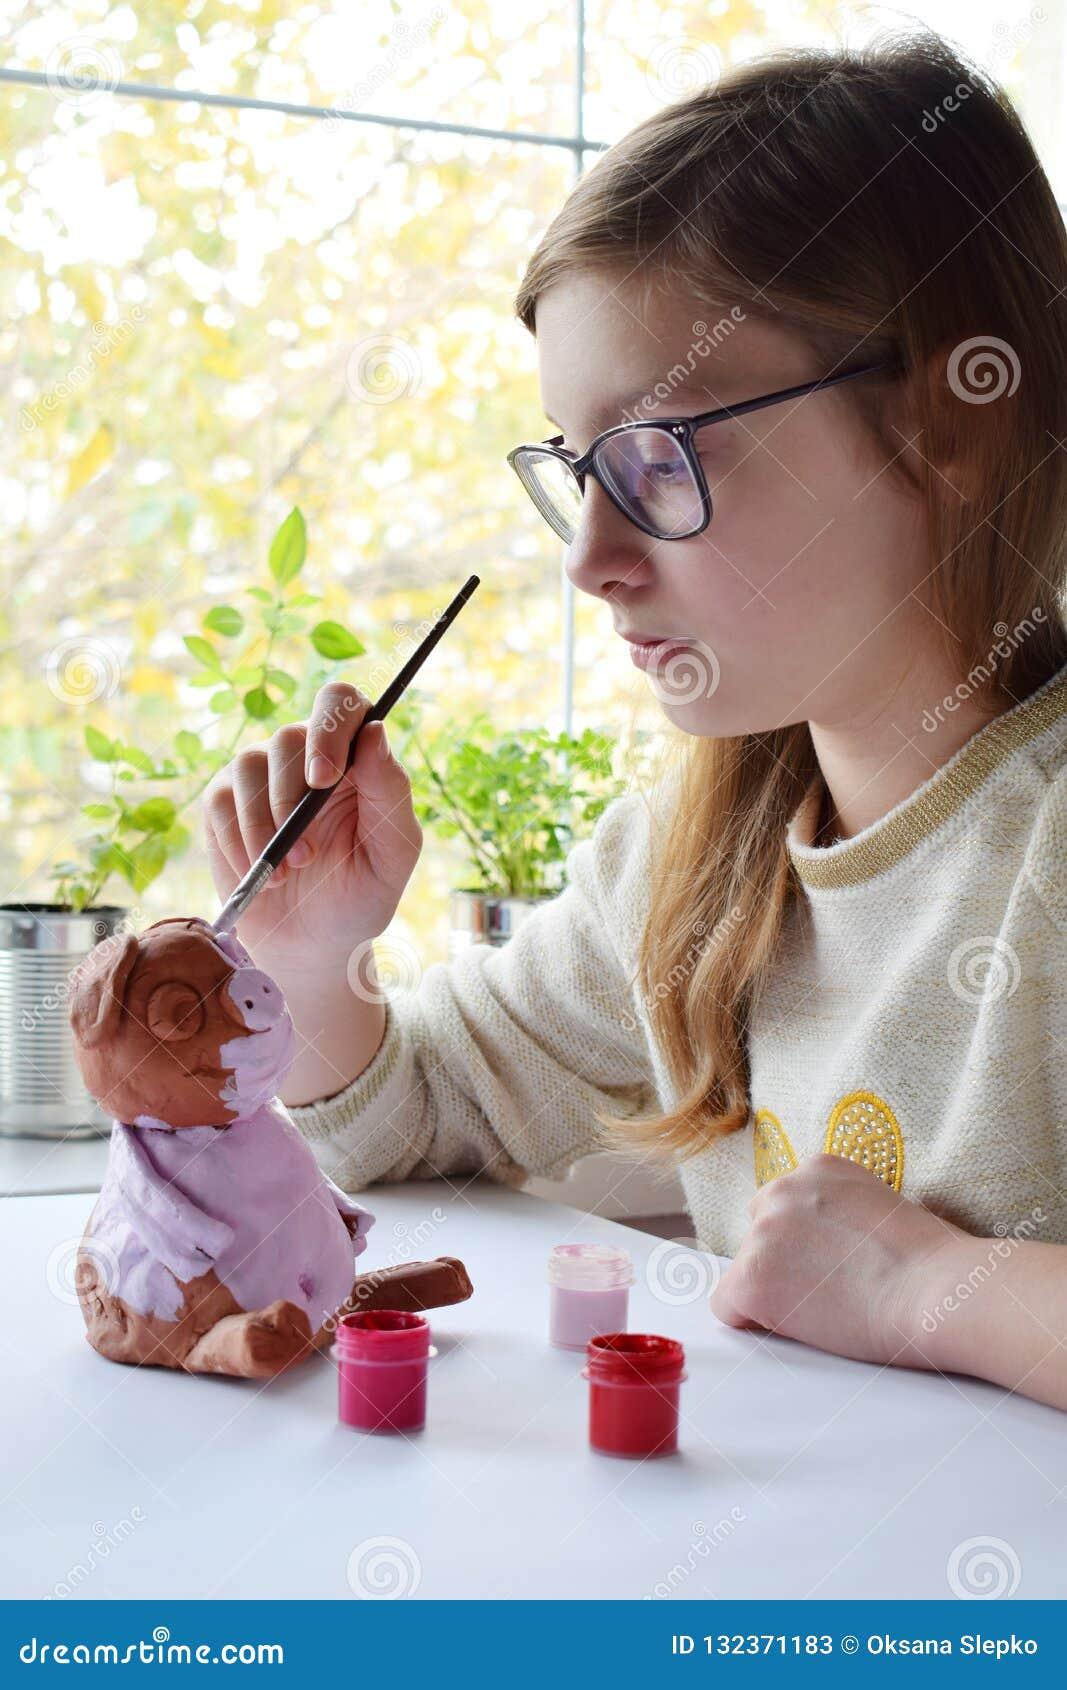 Молодой девочка-подросток делает игрушку, красит свинью глины с гуашью Творческий отдых для детей Поддерживая творческие способно